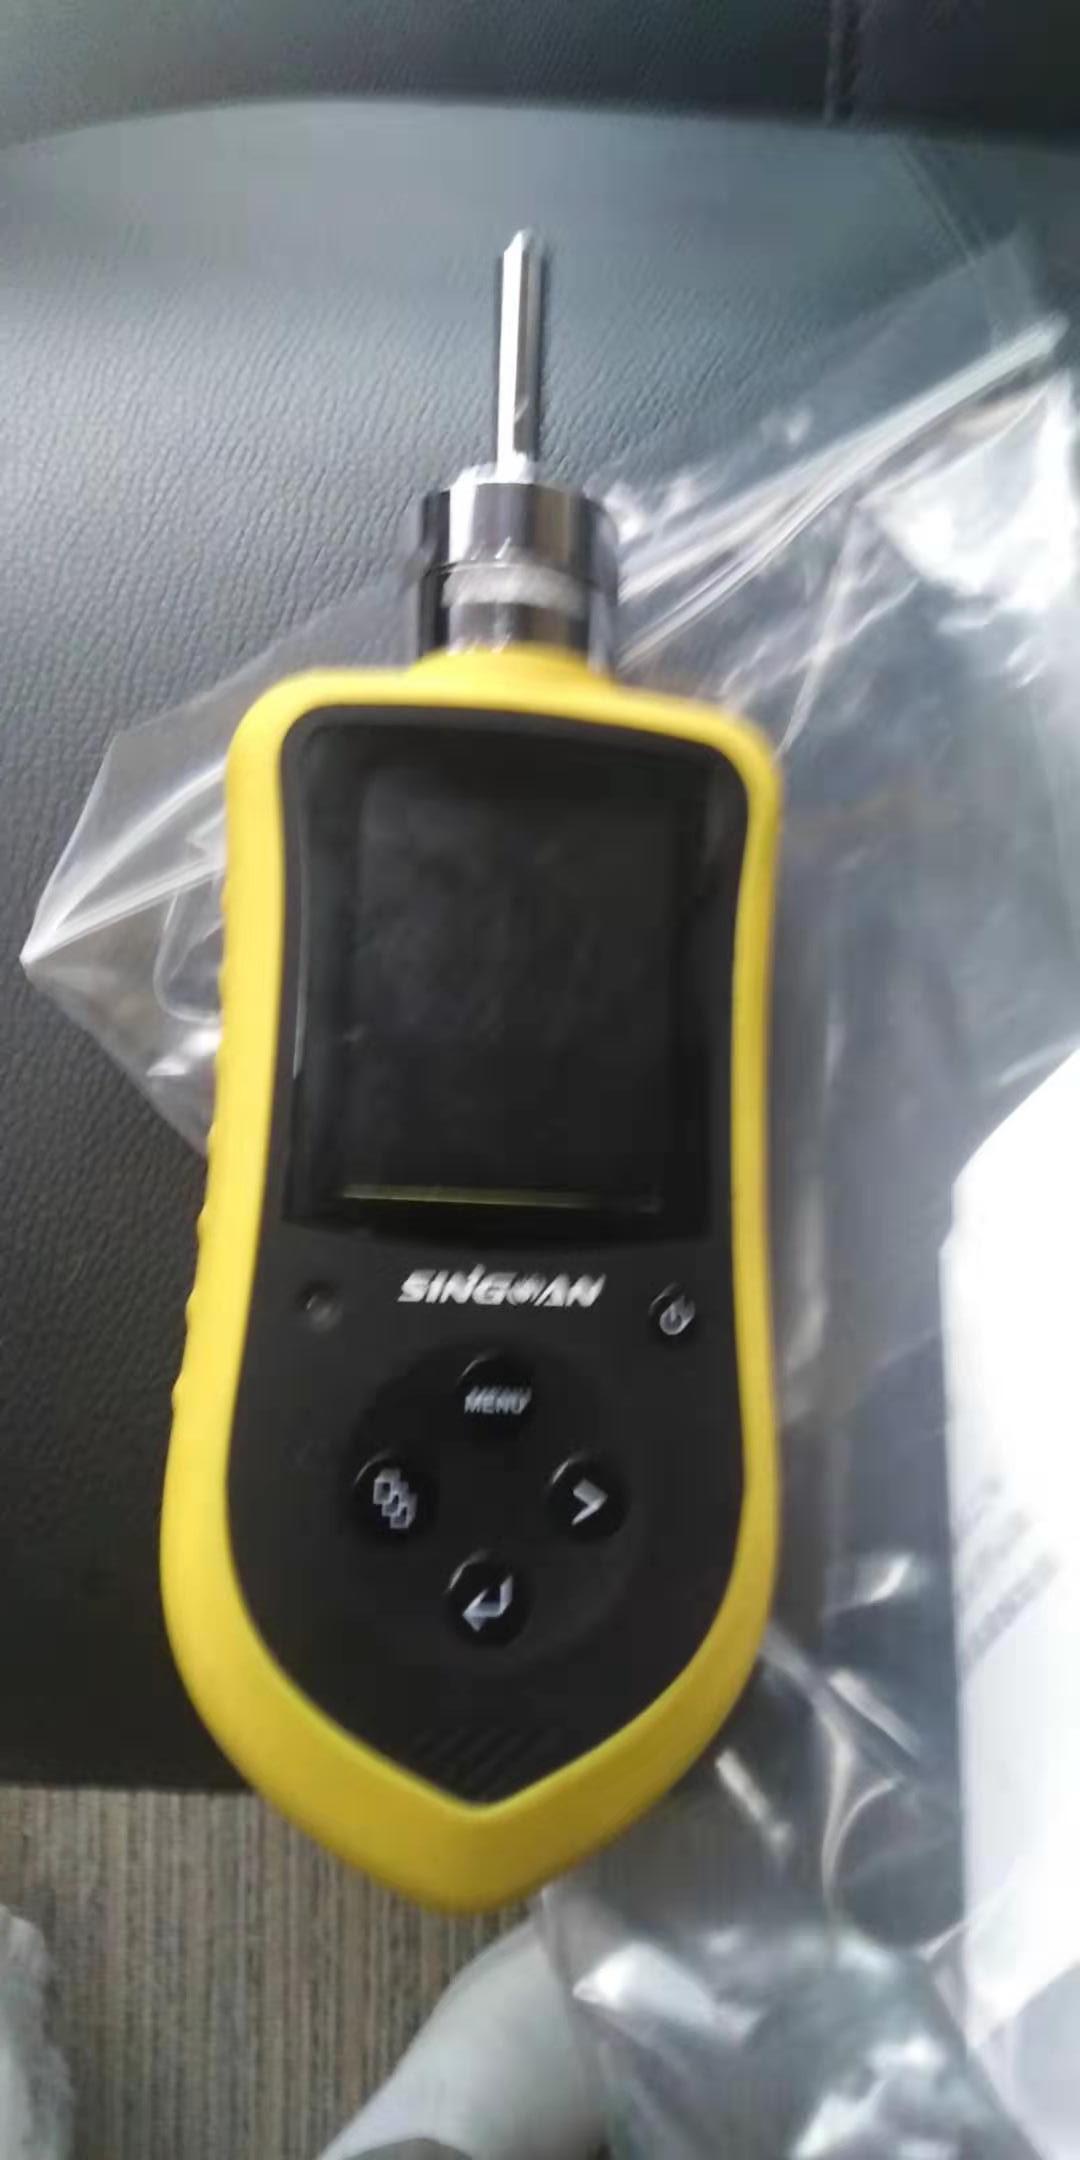 冰醋酸气体报警器在水泥行业的应用